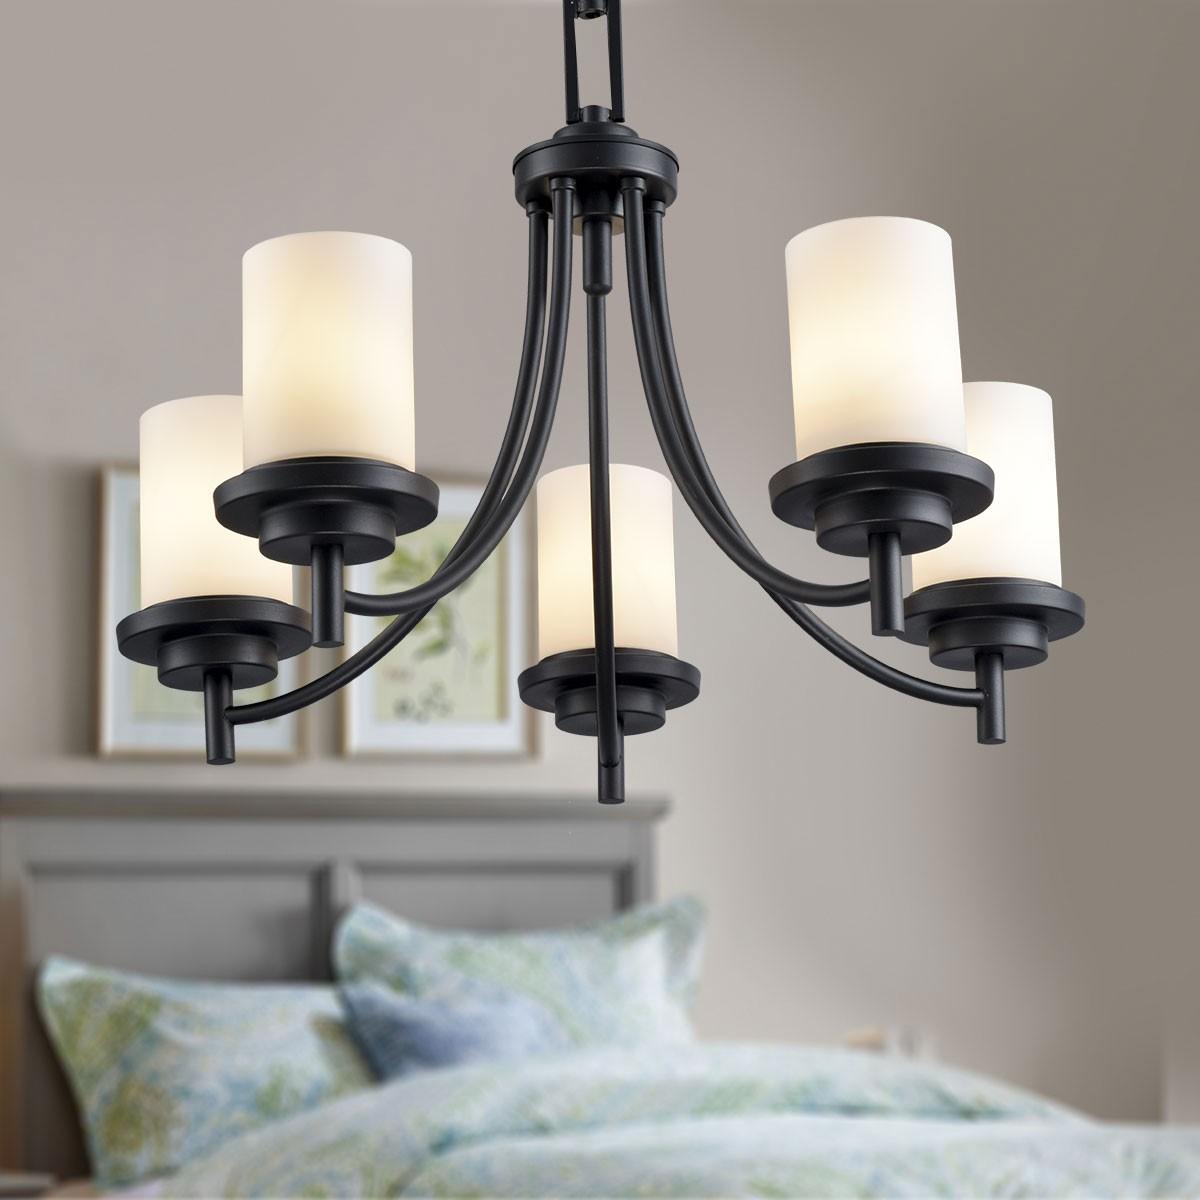 lustre en fer forg avec abat jour en verre 5 ampoules noir dk 8110 5 decoraport canada. Black Bedroom Furniture Sets. Home Design Ideas